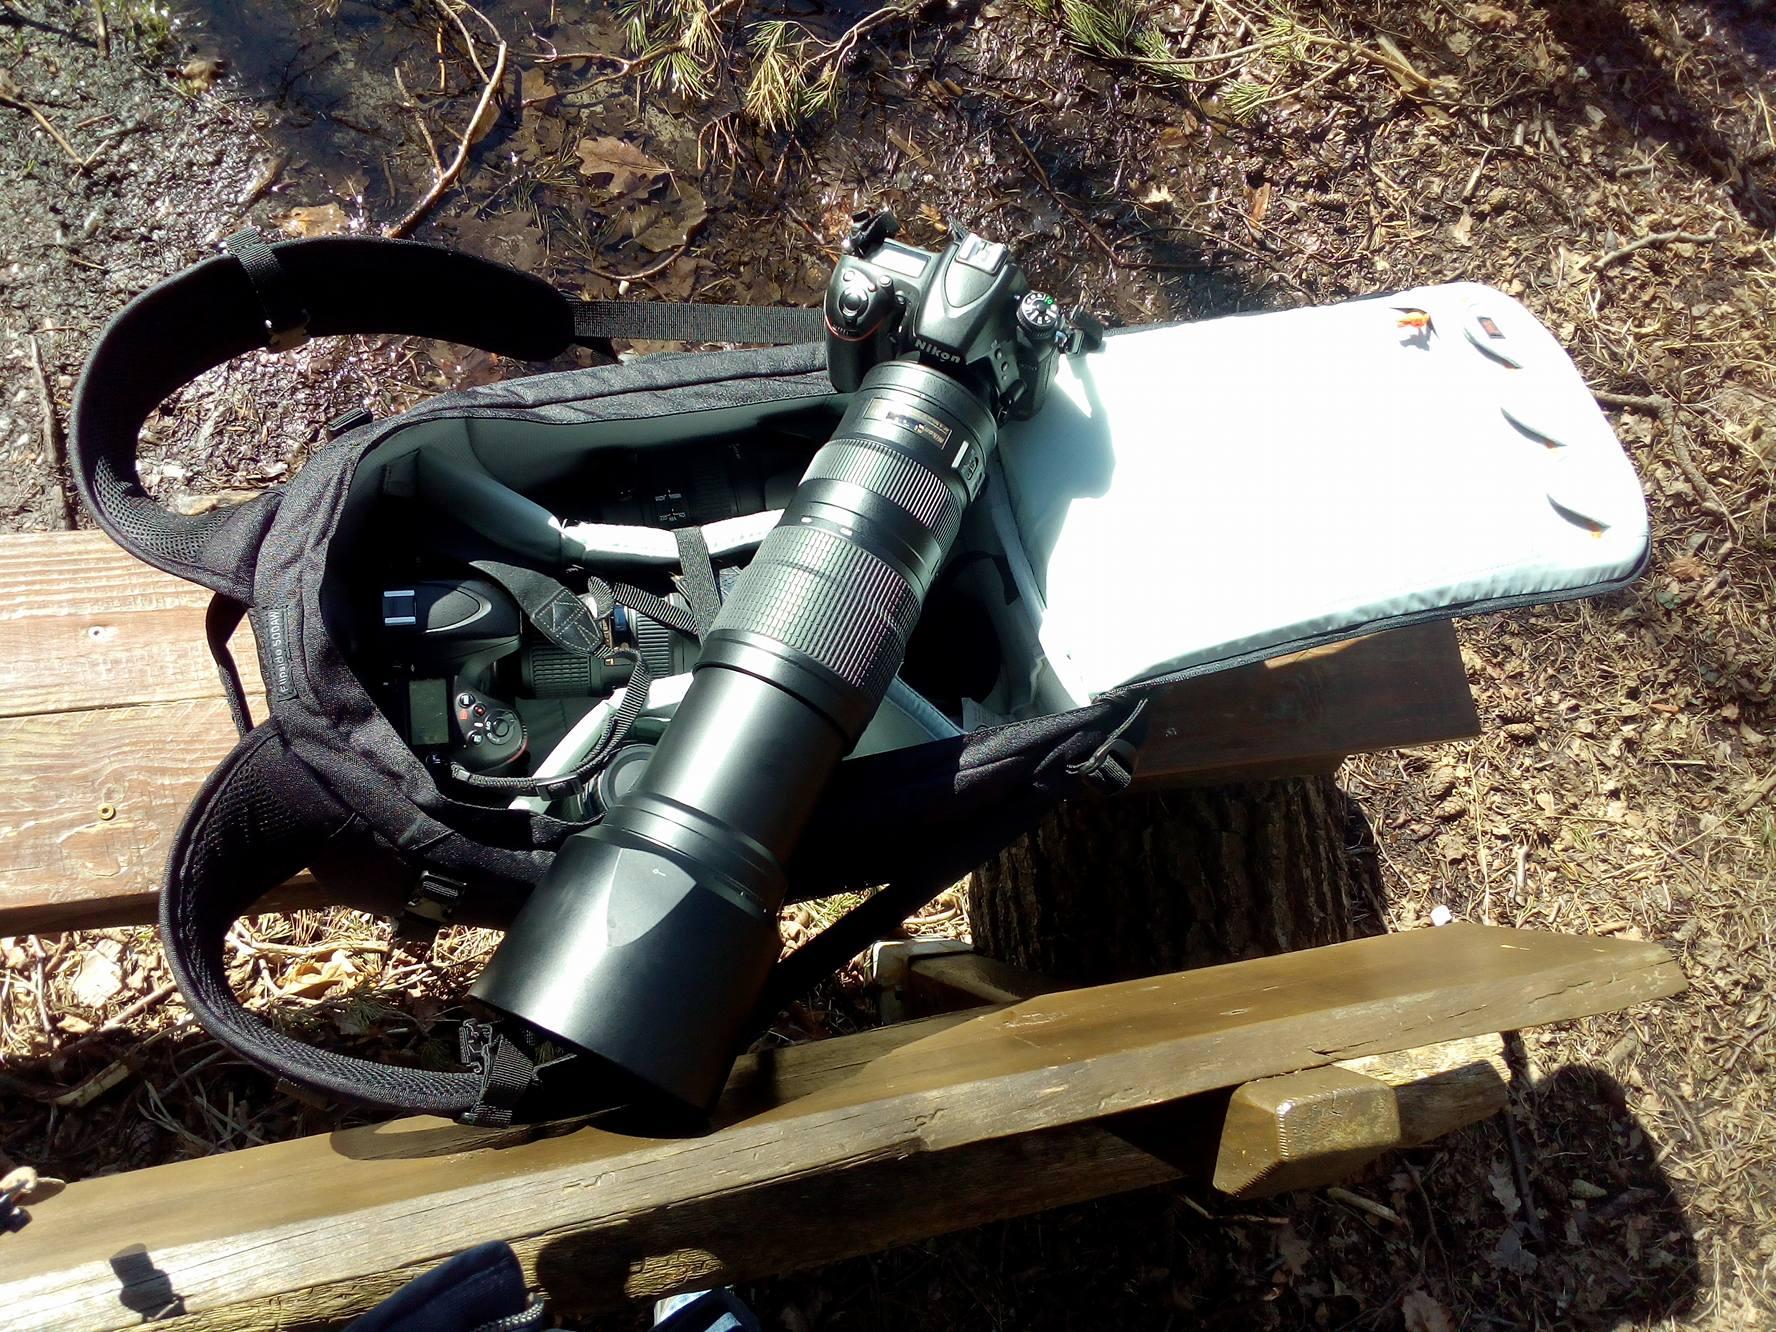 Meine (alten) Nikons und der Fotorucksack von Lowepro